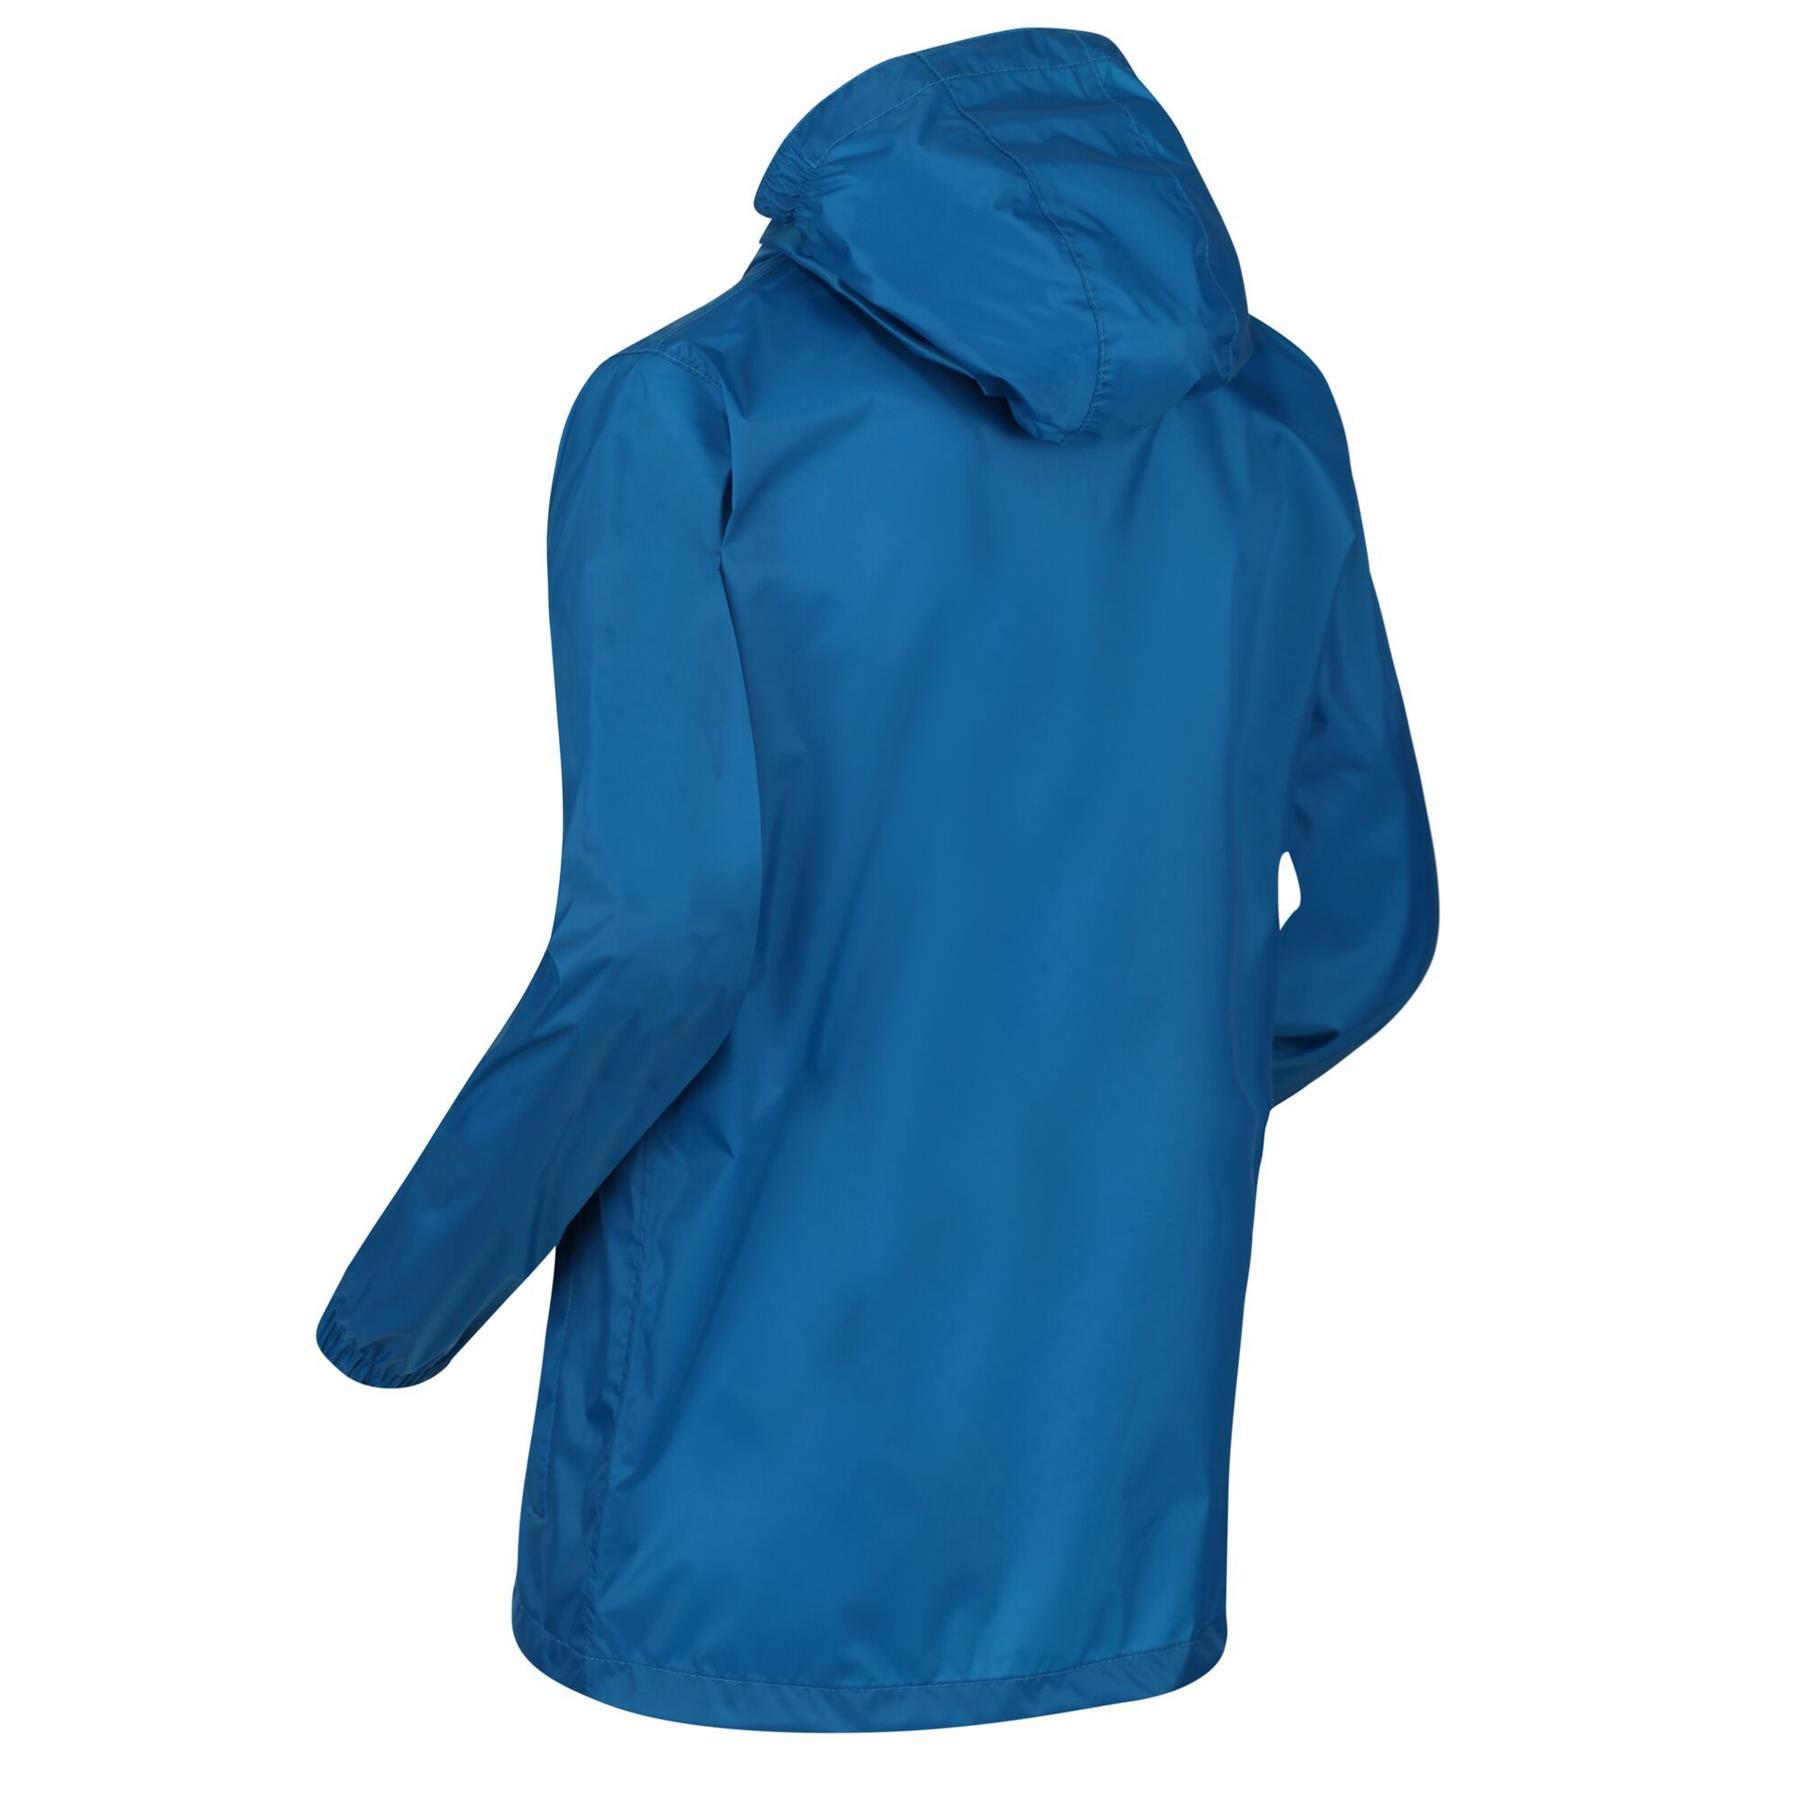 miniatuur 10 - Regatta Kids Pack it Jacket II Lightweight Waterproof Packaway Jacket Boys Girls